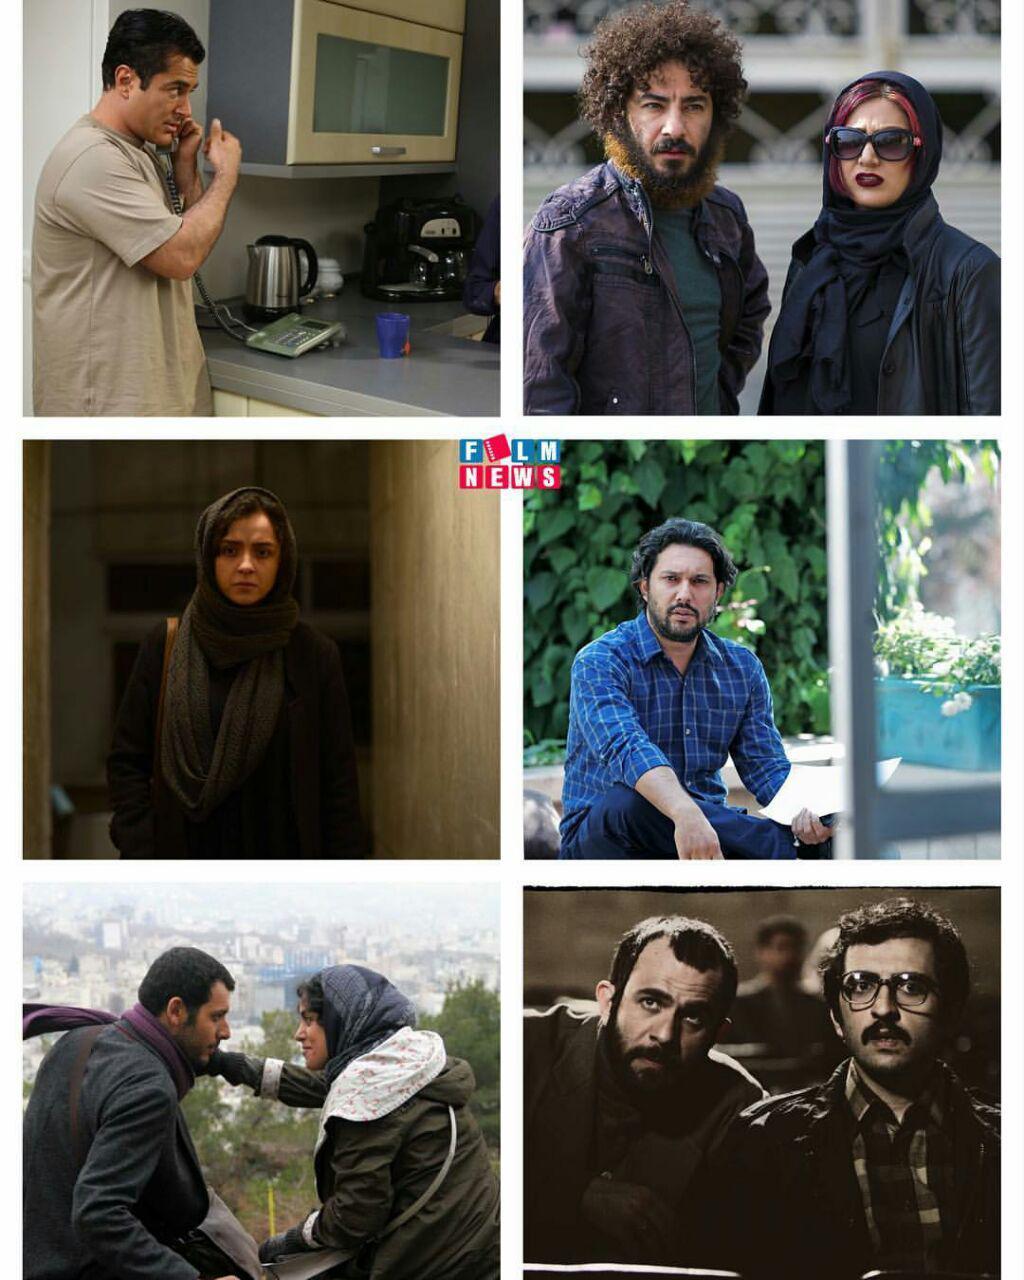 آمار فروش فیلمهای روی پرده سینما و در حال اکران / آبان ماه 95